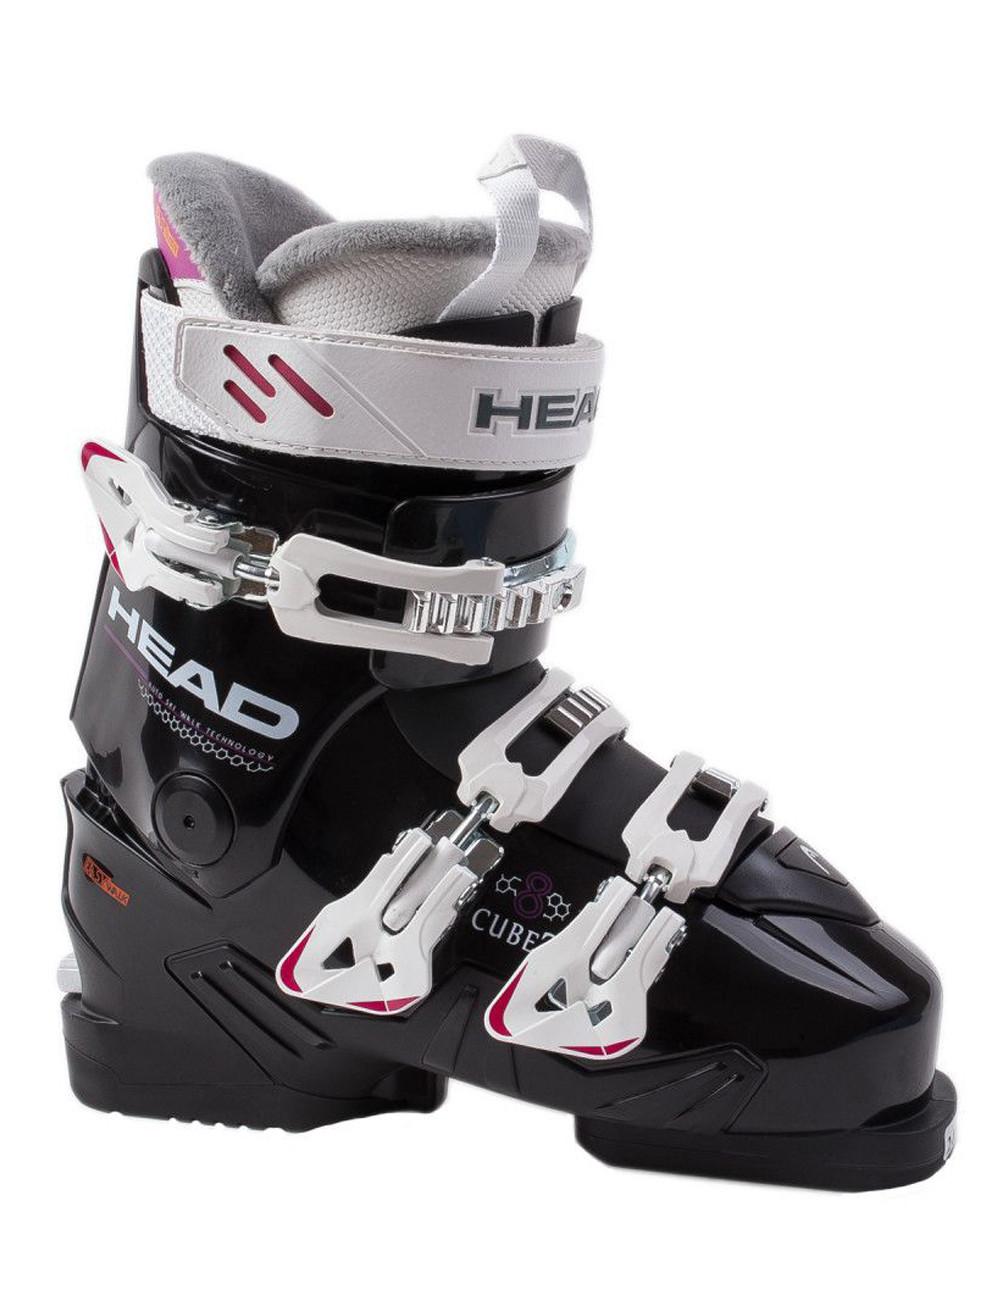 Buty narciarskie Head Cube 3 8 W